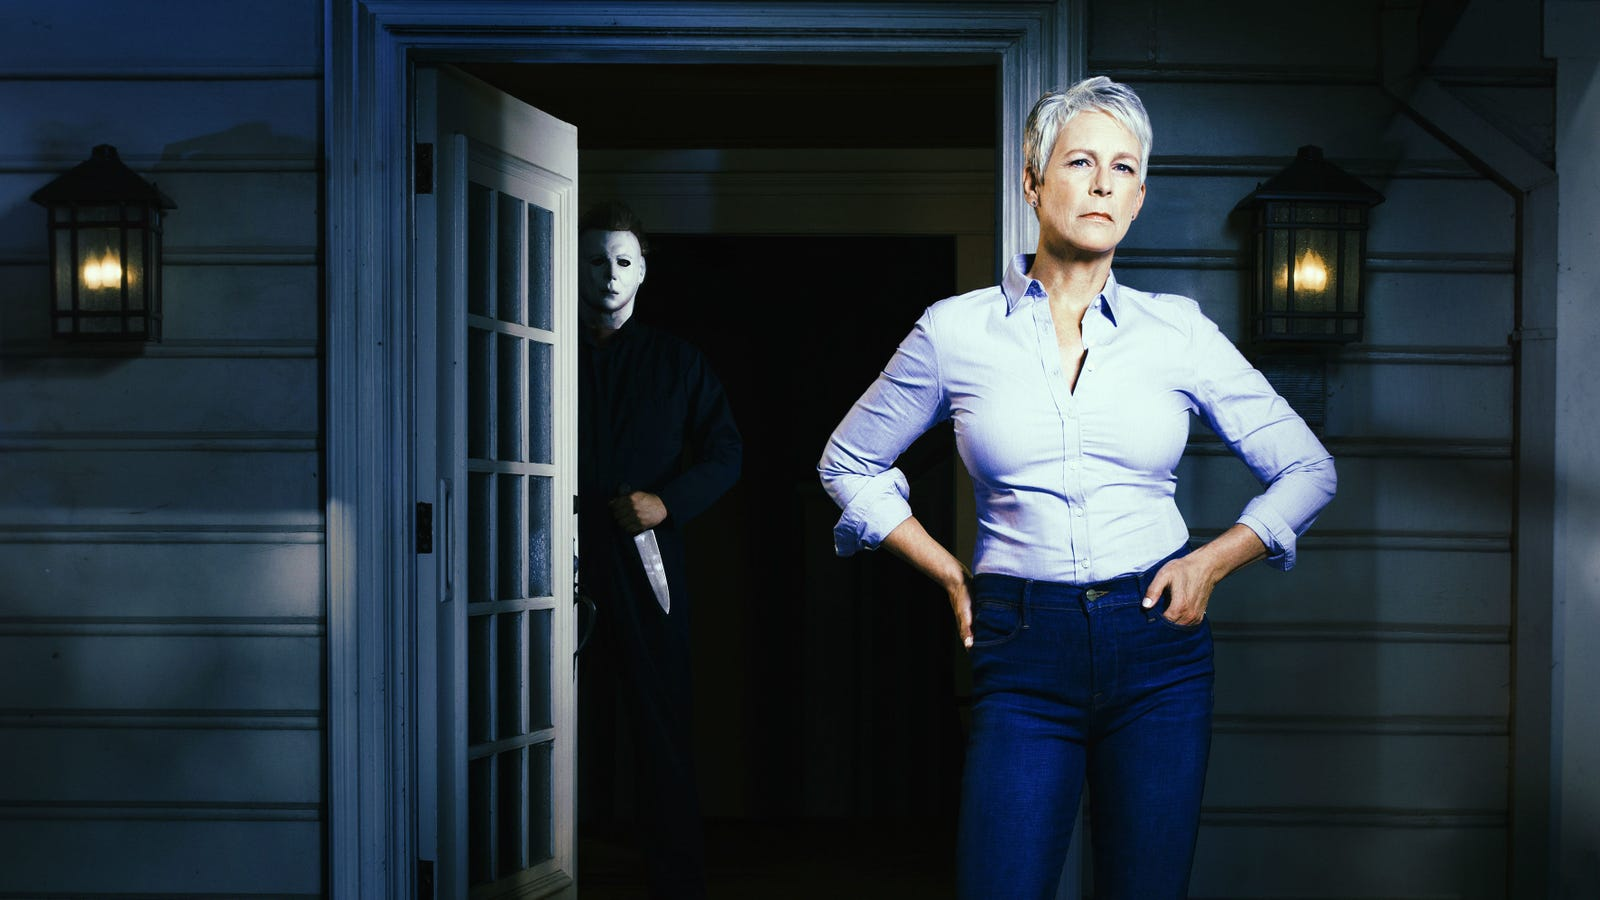 Halloween 2018 - Meest verwachte films 2018